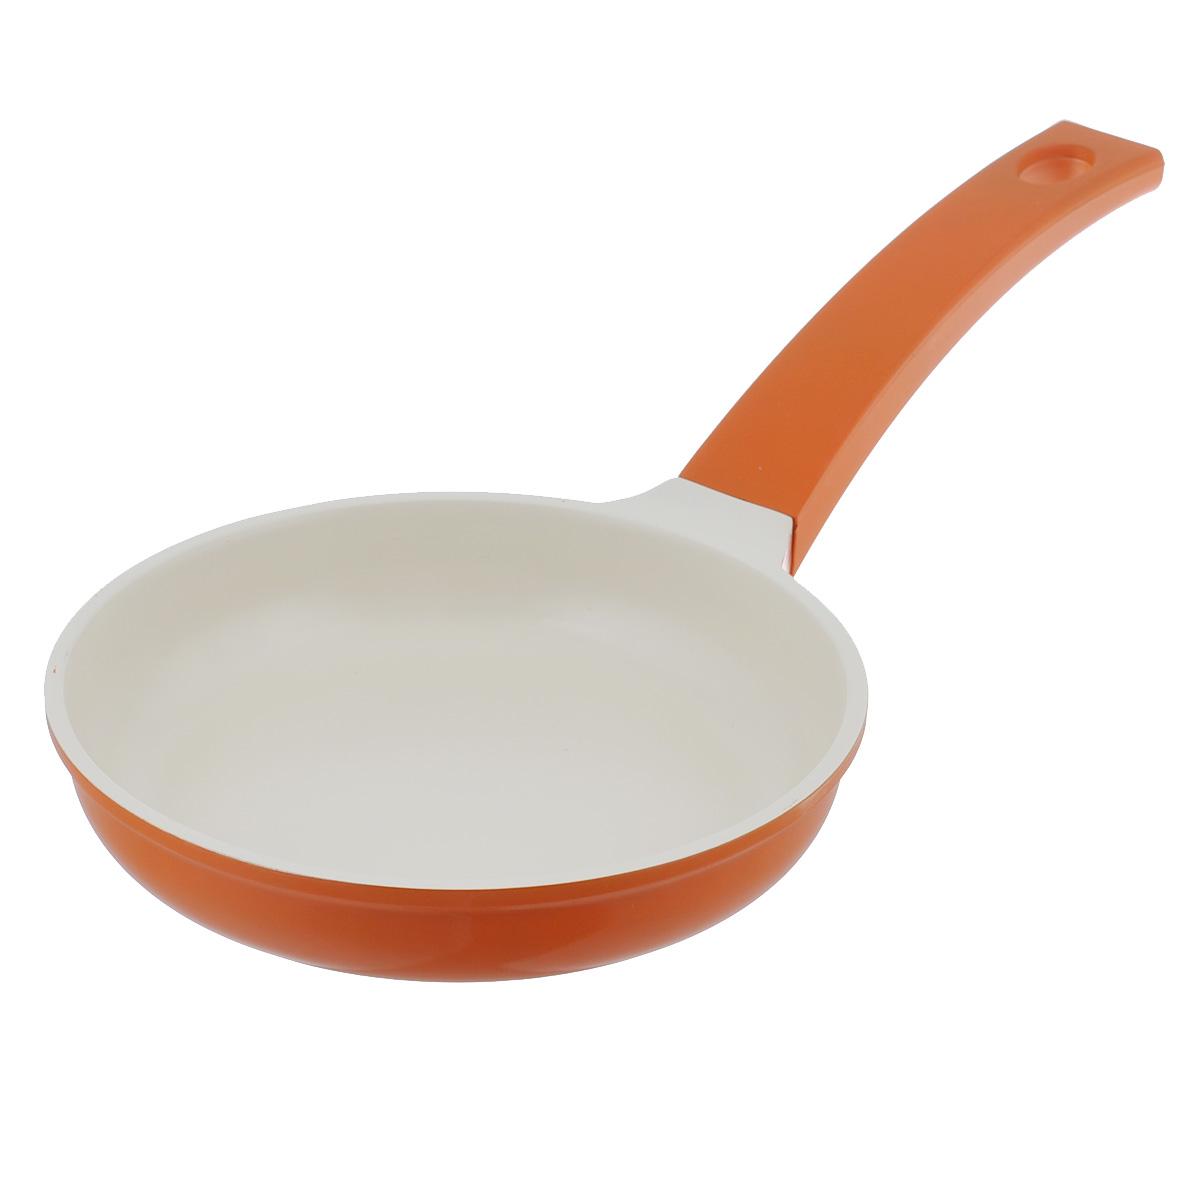 Сковорода Mayer & Boch, с керамическим покрытием, цвет: оранжевый. Диаметр 20 см. 2123921239Сковорода Mayer & Boch изготовлена из литого алюминия с керамическим покрытием. Сковорода предназначена для здорового и экологичного приготовления пищи. Пища не пригорает и не прилипает к стенкам. Абсолютно гладкая поверхность легко моется. Посуда экологически чистая, не содержит примеси ПФОК. Рукоятка специального дизайна, выполненная из пластика с силиконовым покрытием, удобна и комфортна в эксплуатации. Внешнее цветное покрытие устойчиво к воздействию высоких температур. Можно использовать на газовых, электрических, стеклокерамических, галогеновых, индукционных плитах. Можно мыть в посудомоечной машине. Высота стенки: 4 см.Толщина стенки: 2,5 мм.Толщина дна: 5,5 мм. Длина ручки: 20,5 см.Диаметр индукционного диска: 12,5 см.